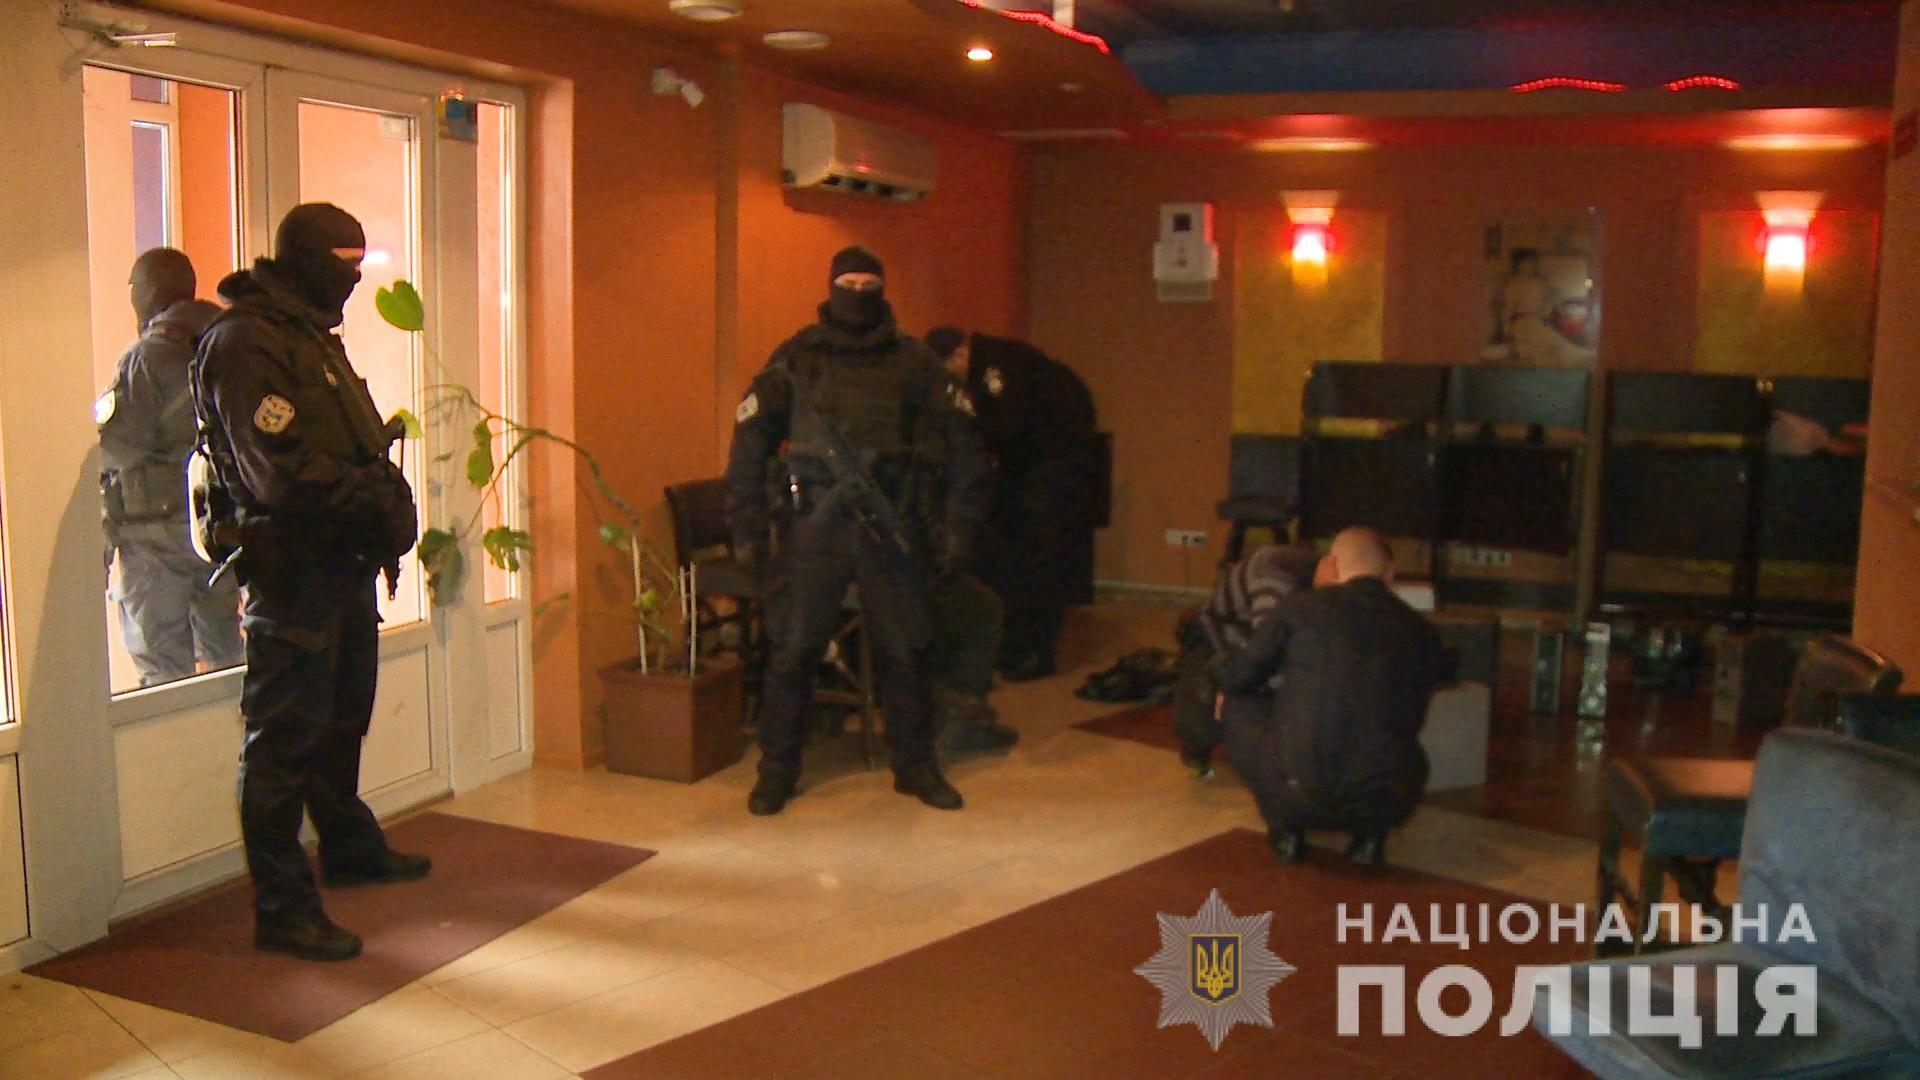 Закрытие игорных заведений: ситуация на сегодняшний день. Новости Украины